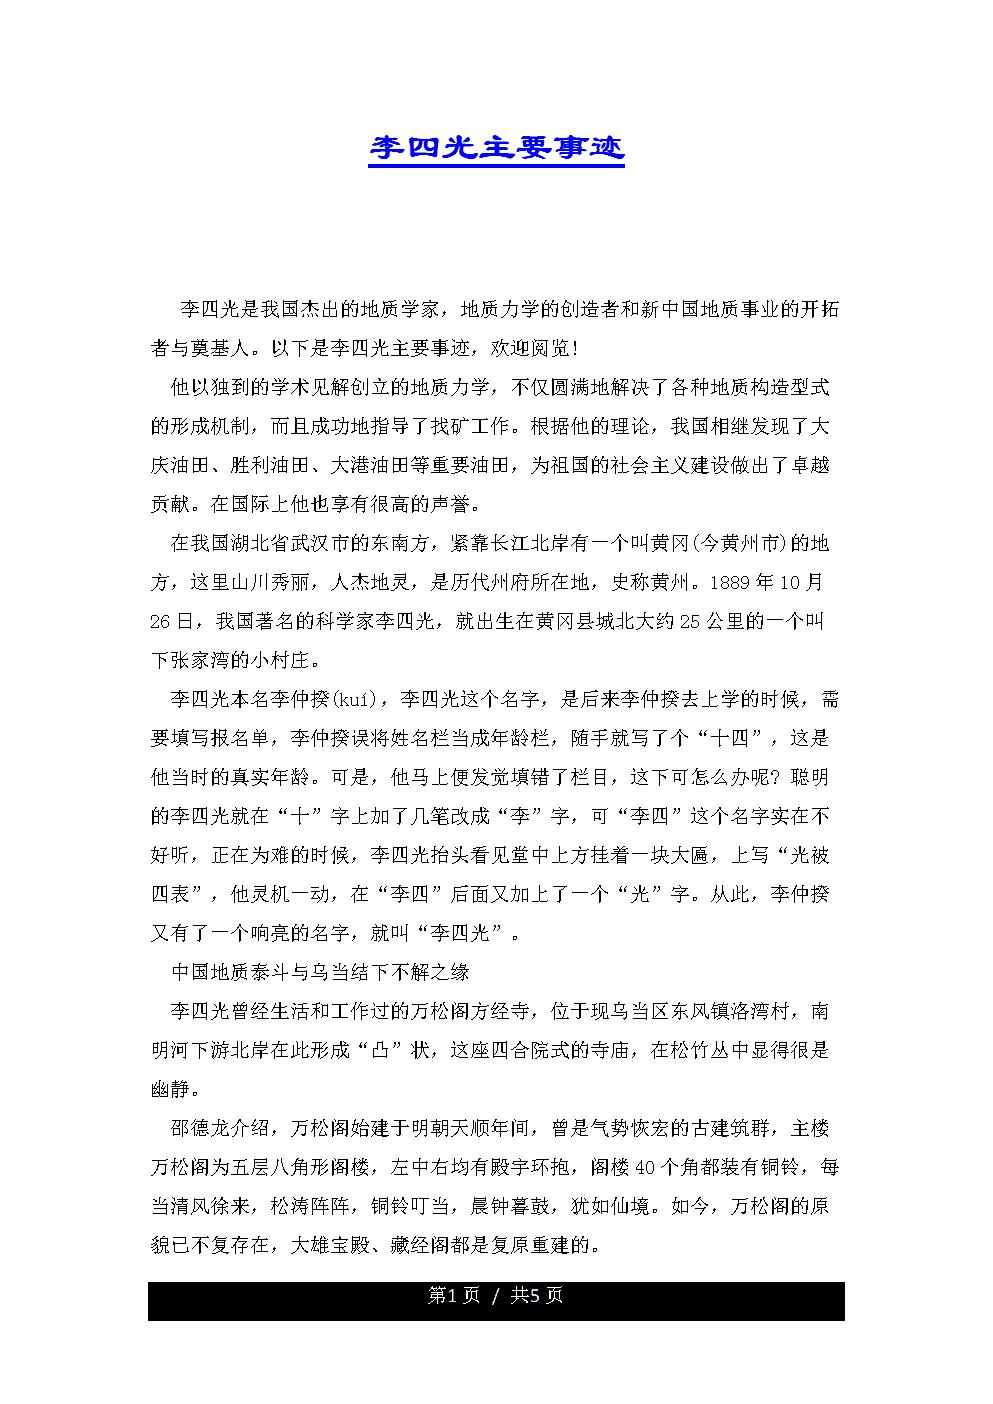 李四光主要事迹.docx